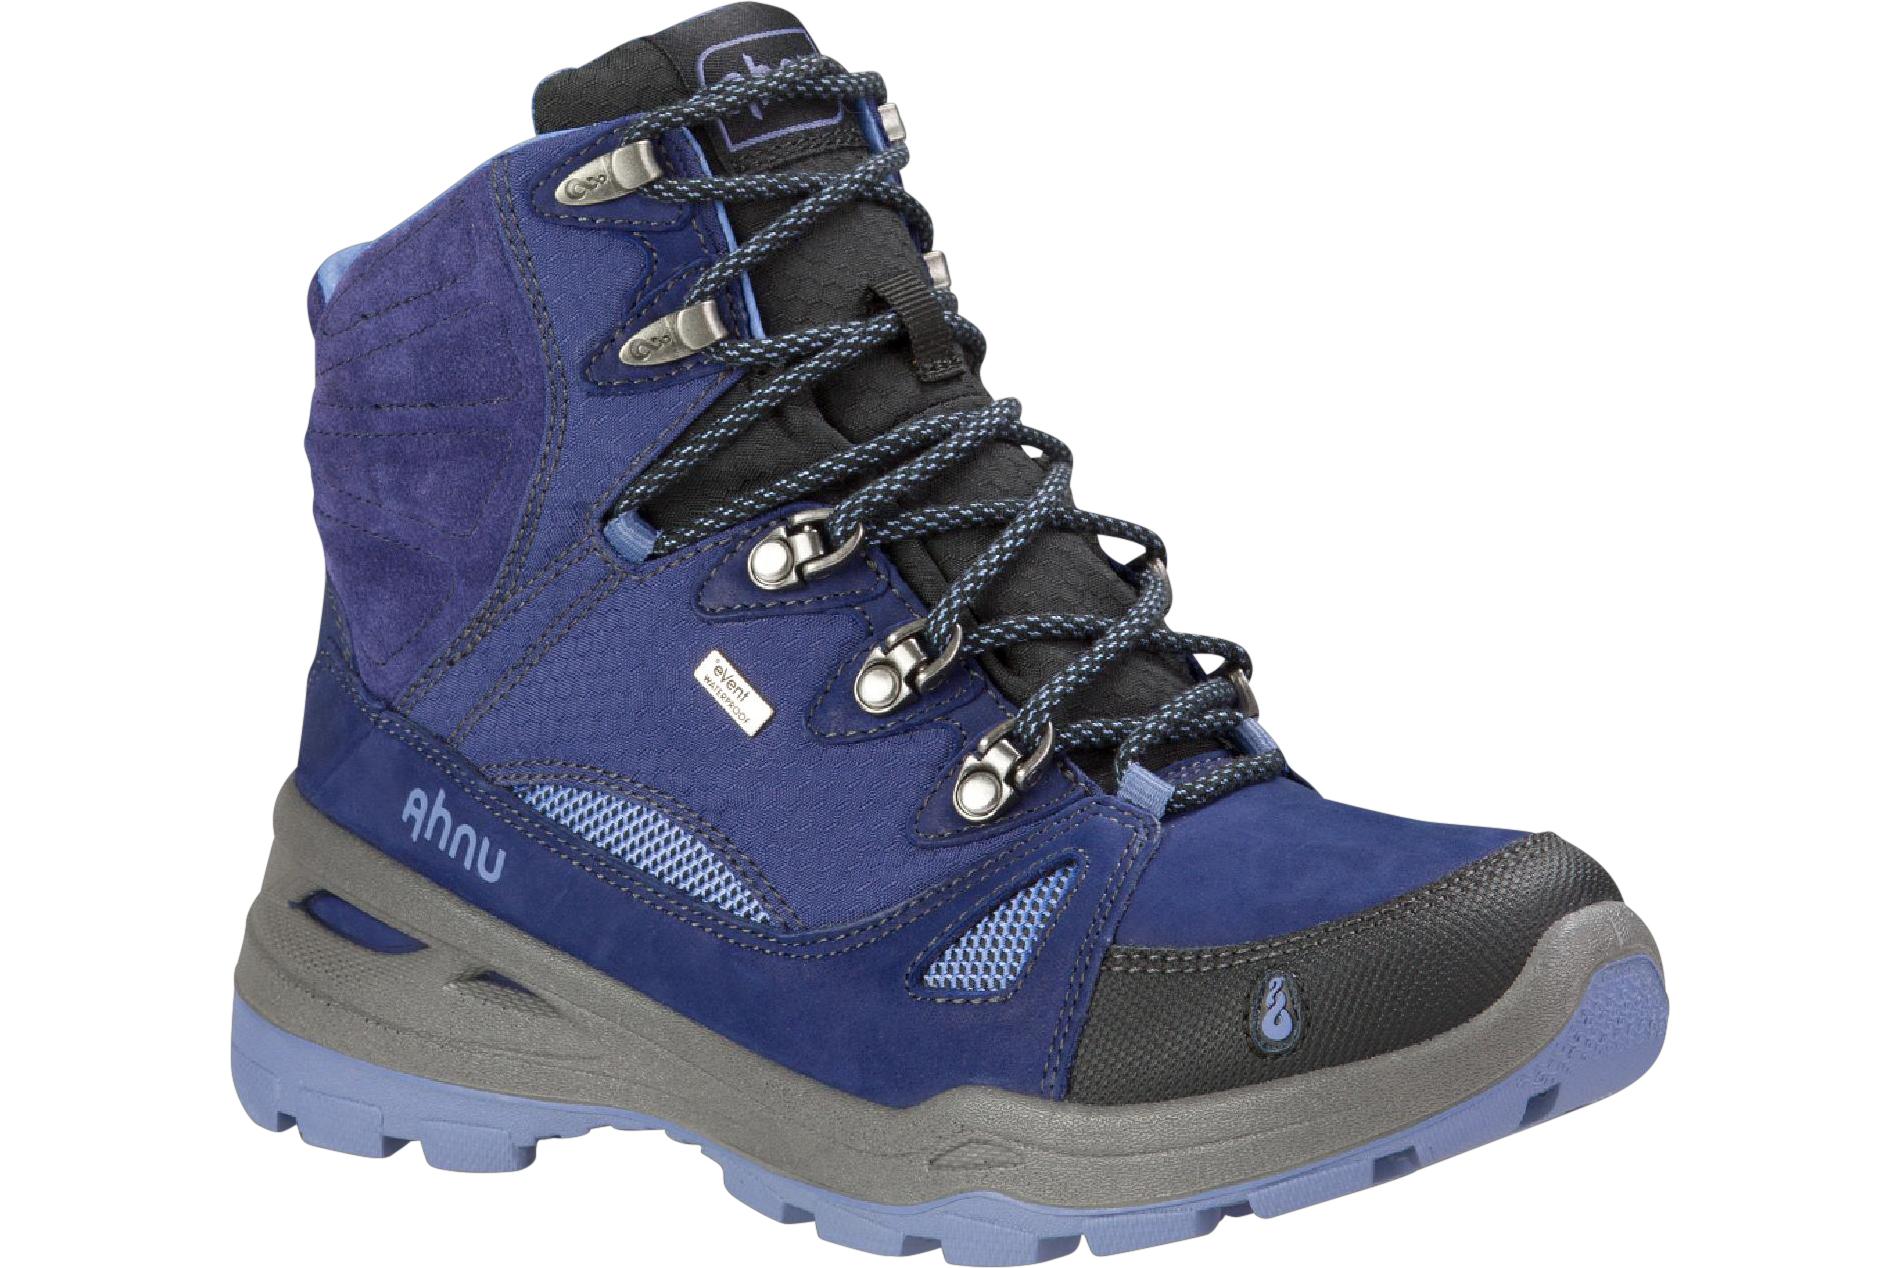 Ahnu hiking boot